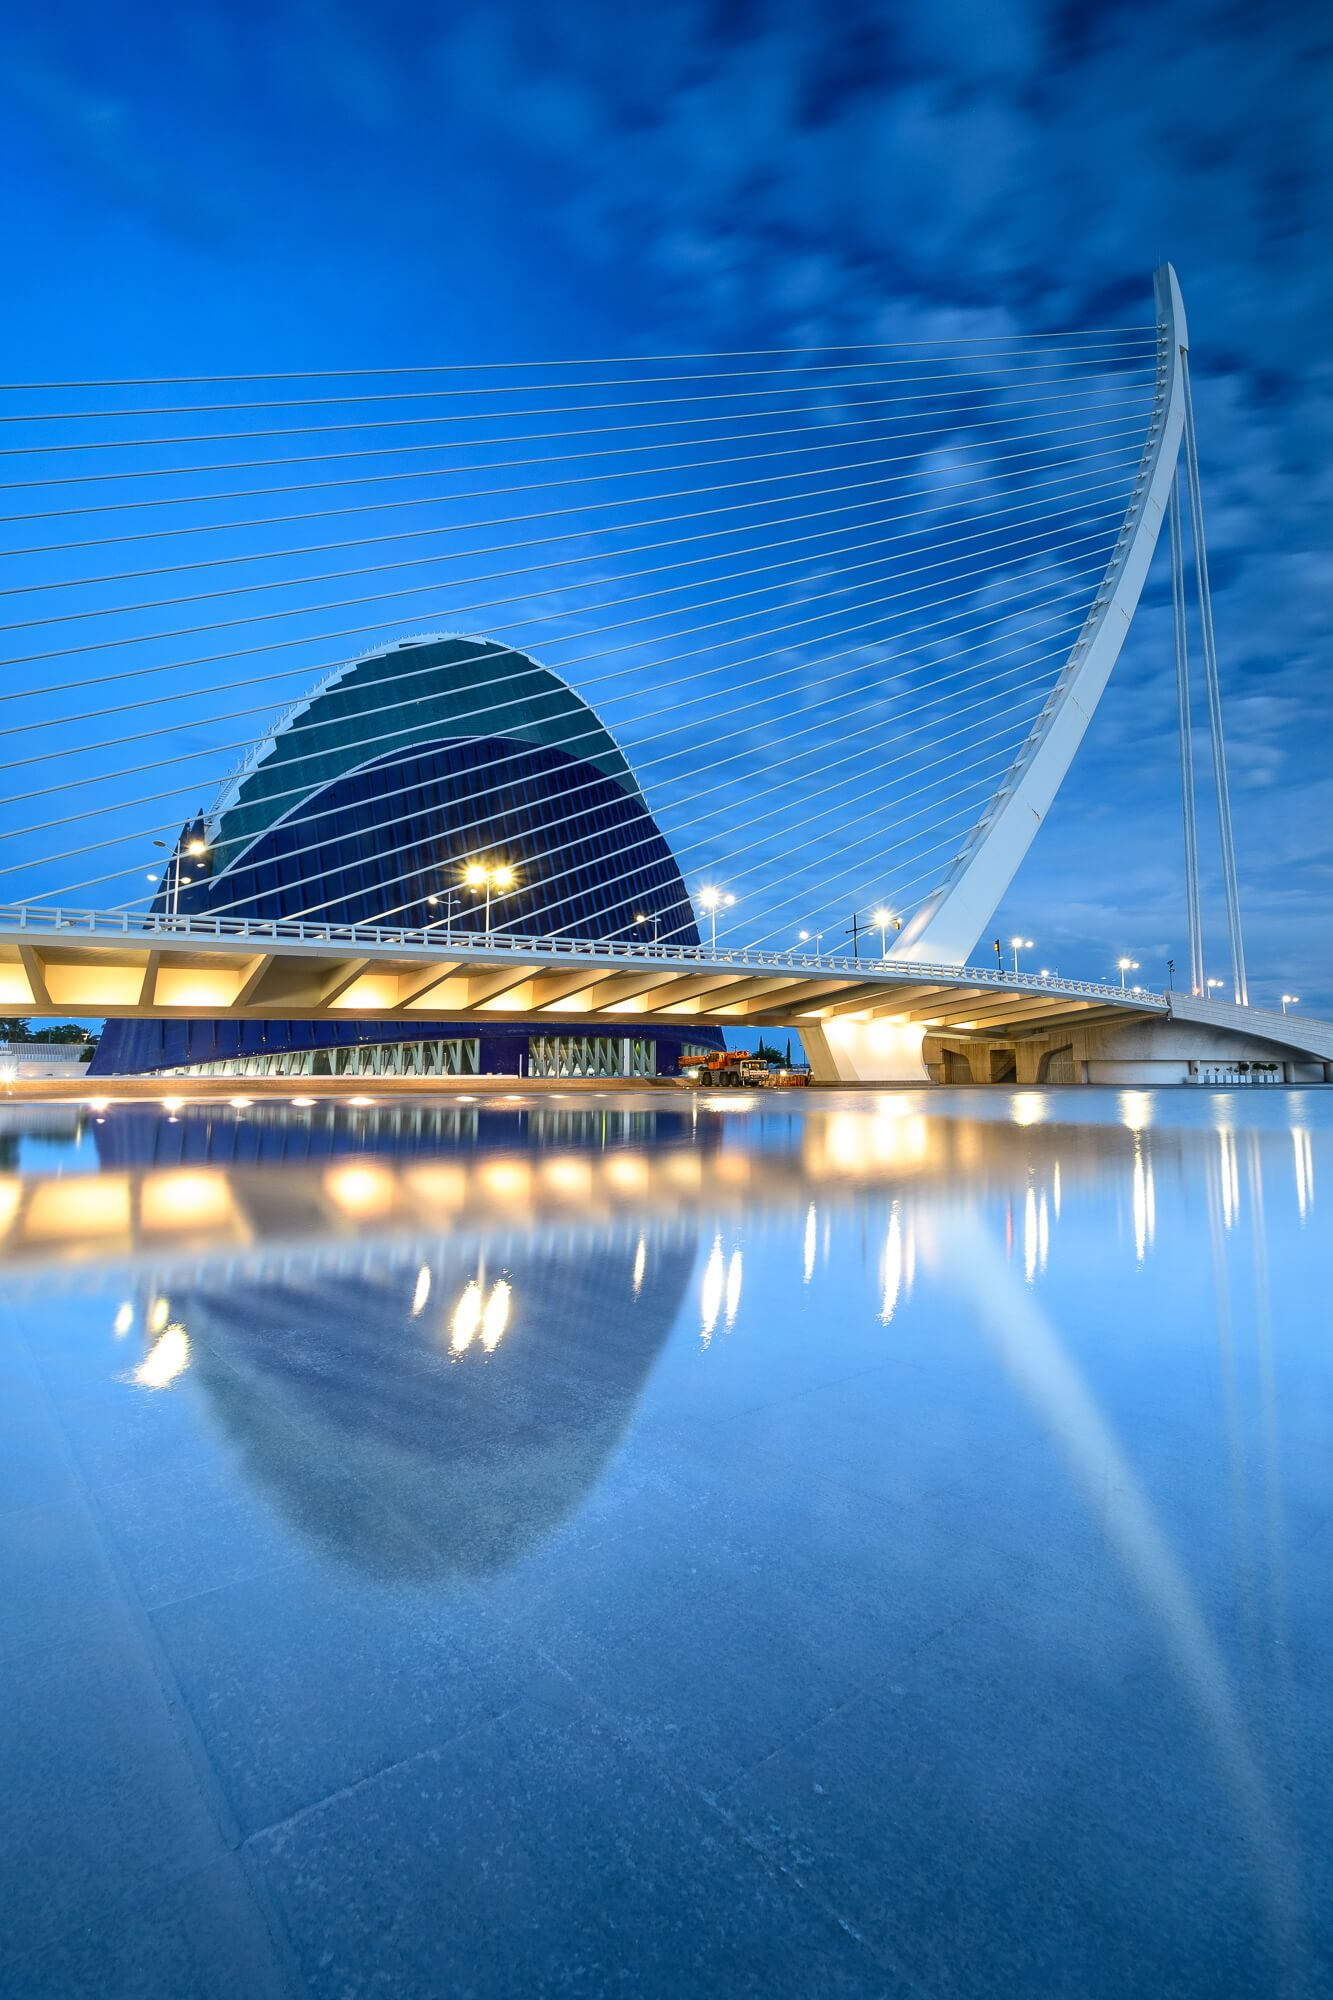 Spanien - Die moderne Architektur Valencias ist genau das, was wir bei Städtetrips lieben